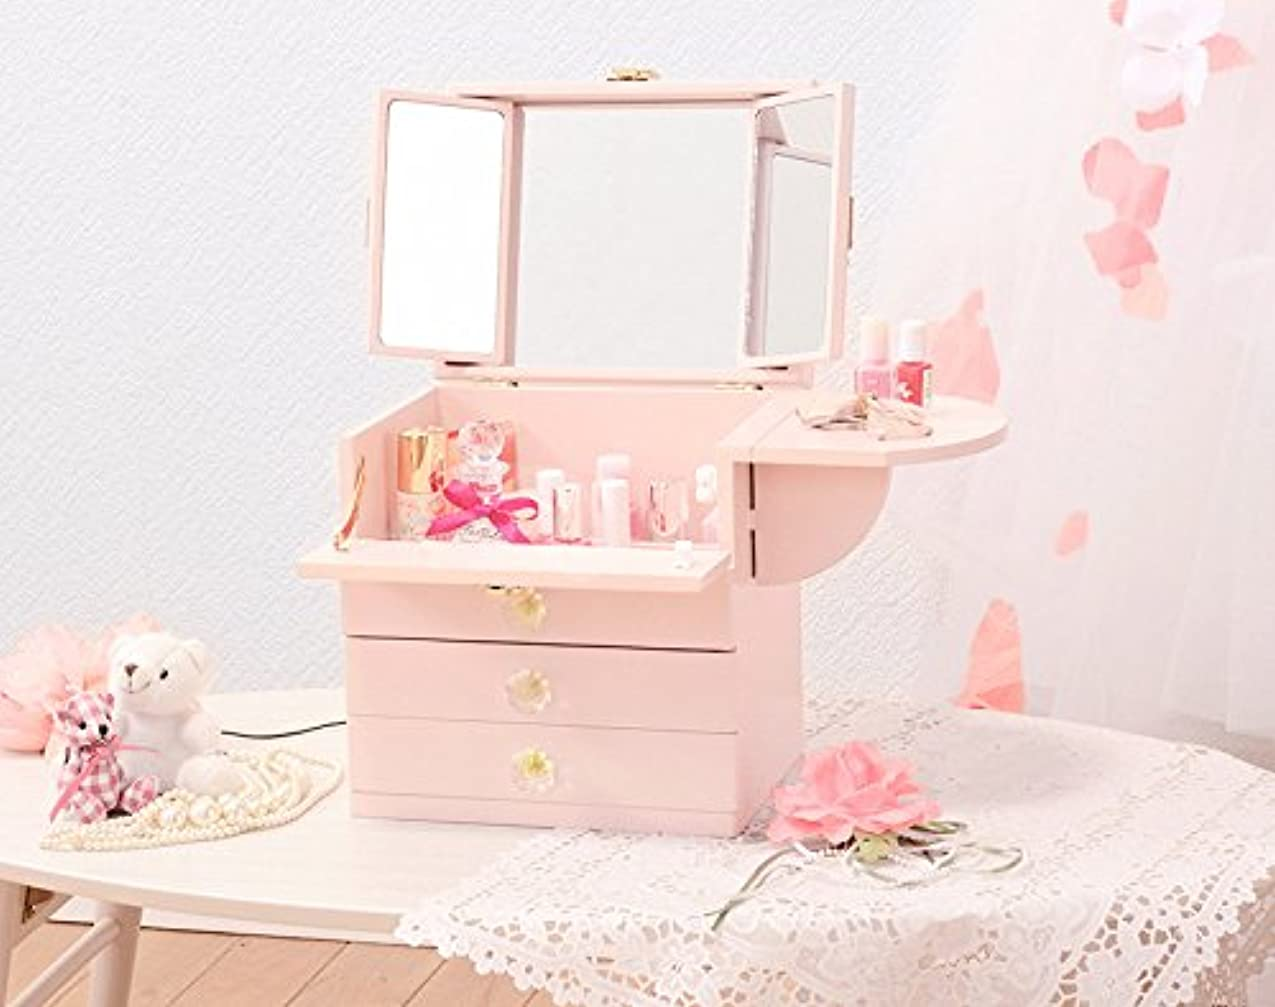 り臭い不十分なコスメボックス 化粧ボックス ジュエリーボックス コスメ収納 収納ボックス 化粧台 3面鏡 完成品 折りたたみ式 軽量 ピンク